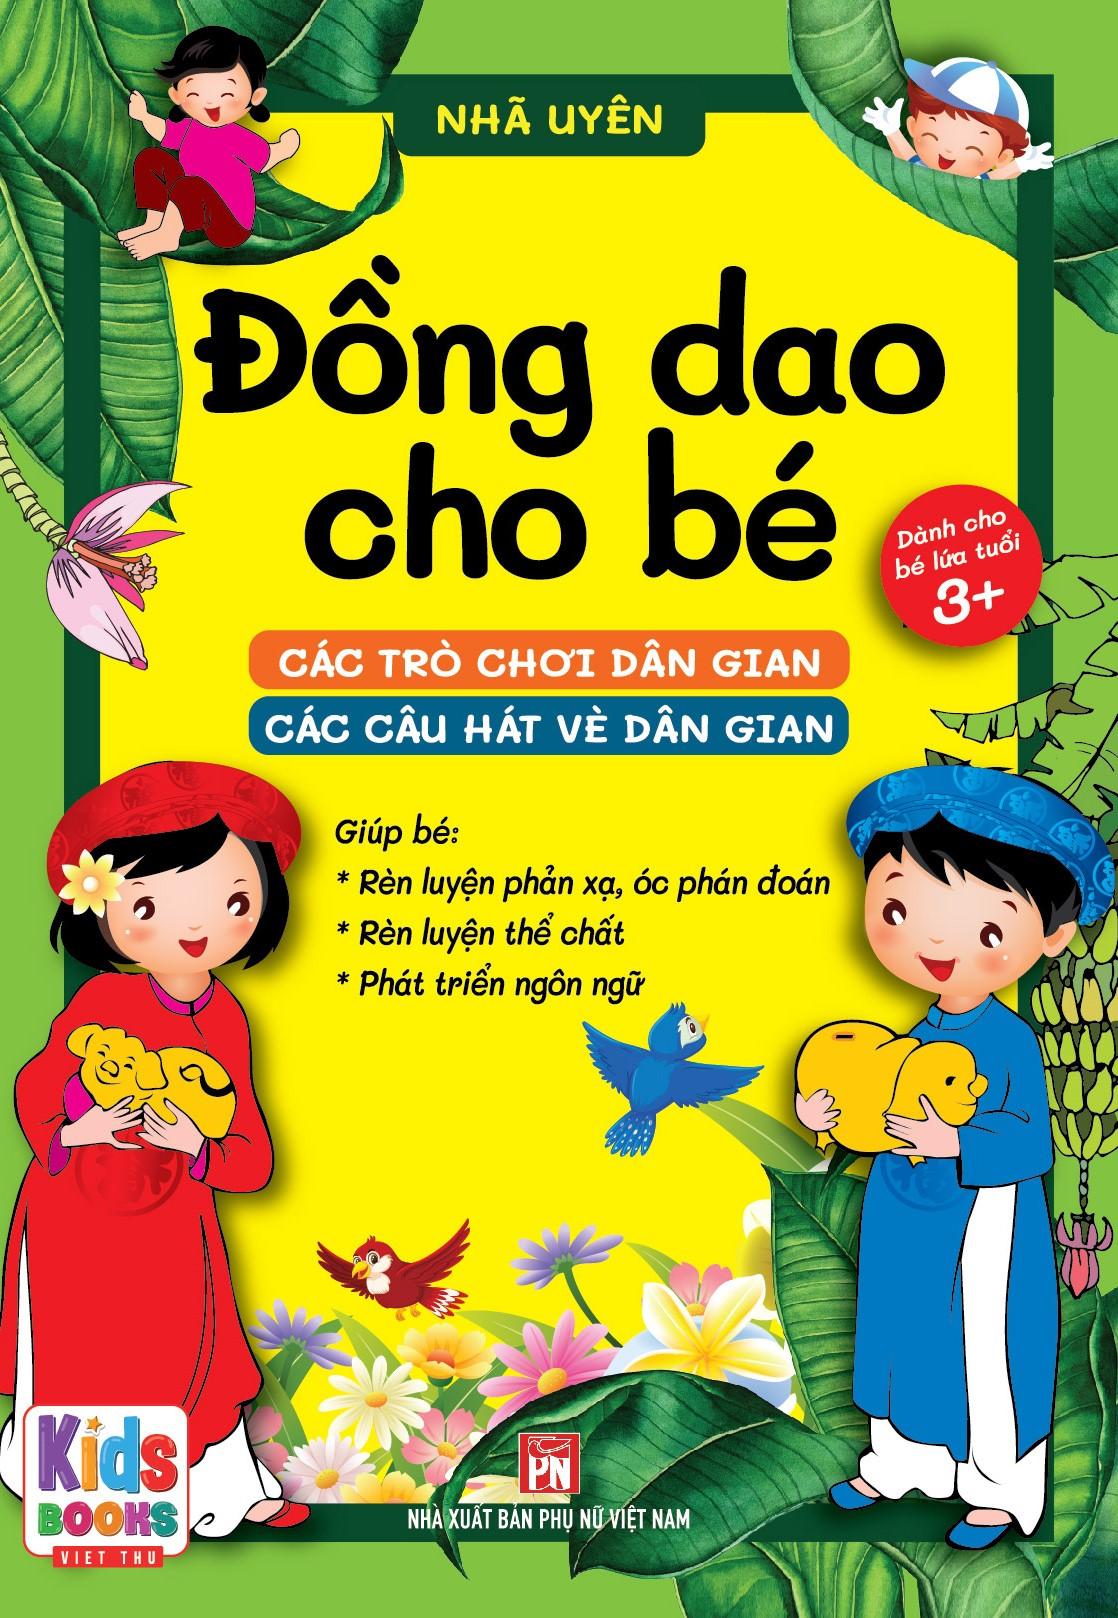 Đồng dao cho bé - Các trò chơi dân gian - Các câu hát vè dân gian - Bé từ 3 đến trở lên (dành cho bé tập nói)